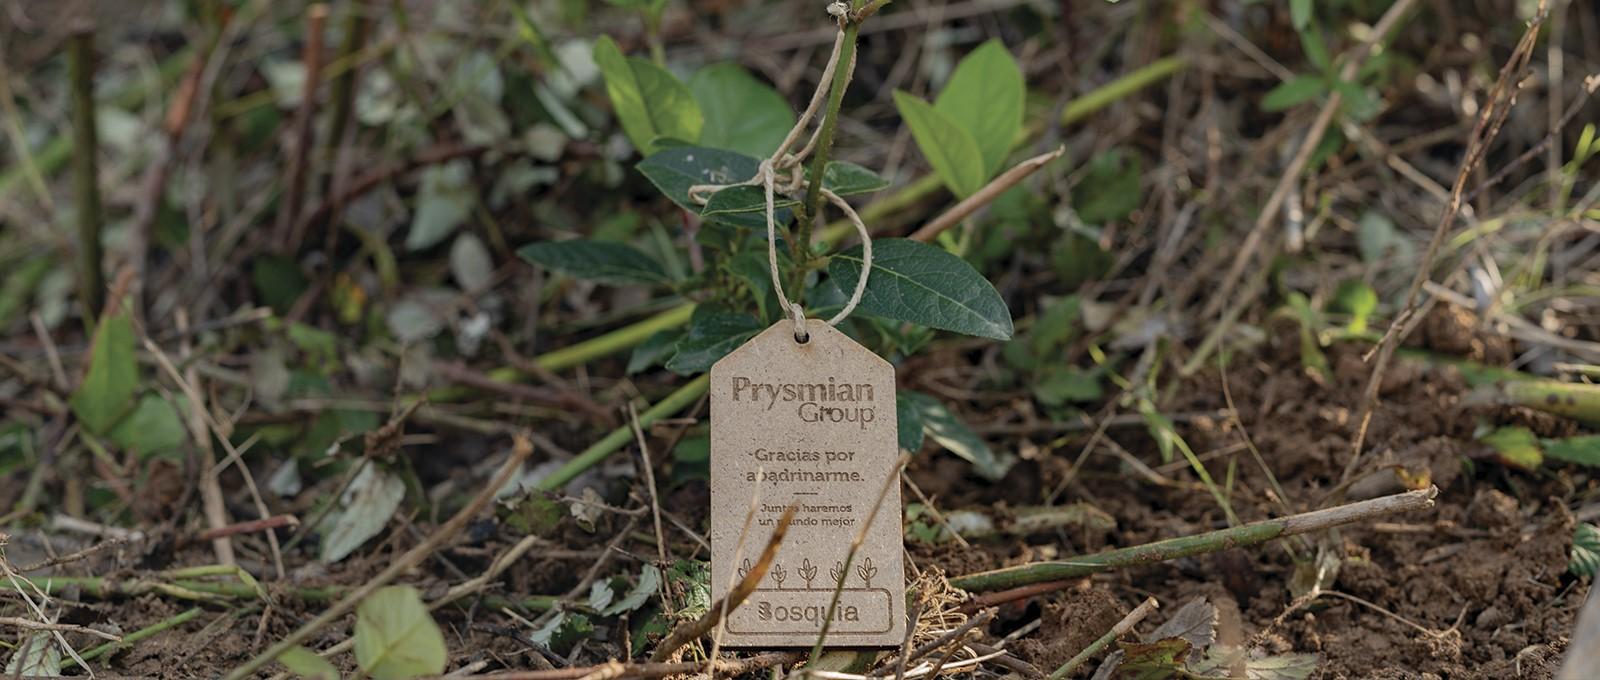 Prysmian Group apadrina la reforestación de dos bosques con la plantación de más de 1.000 árboles